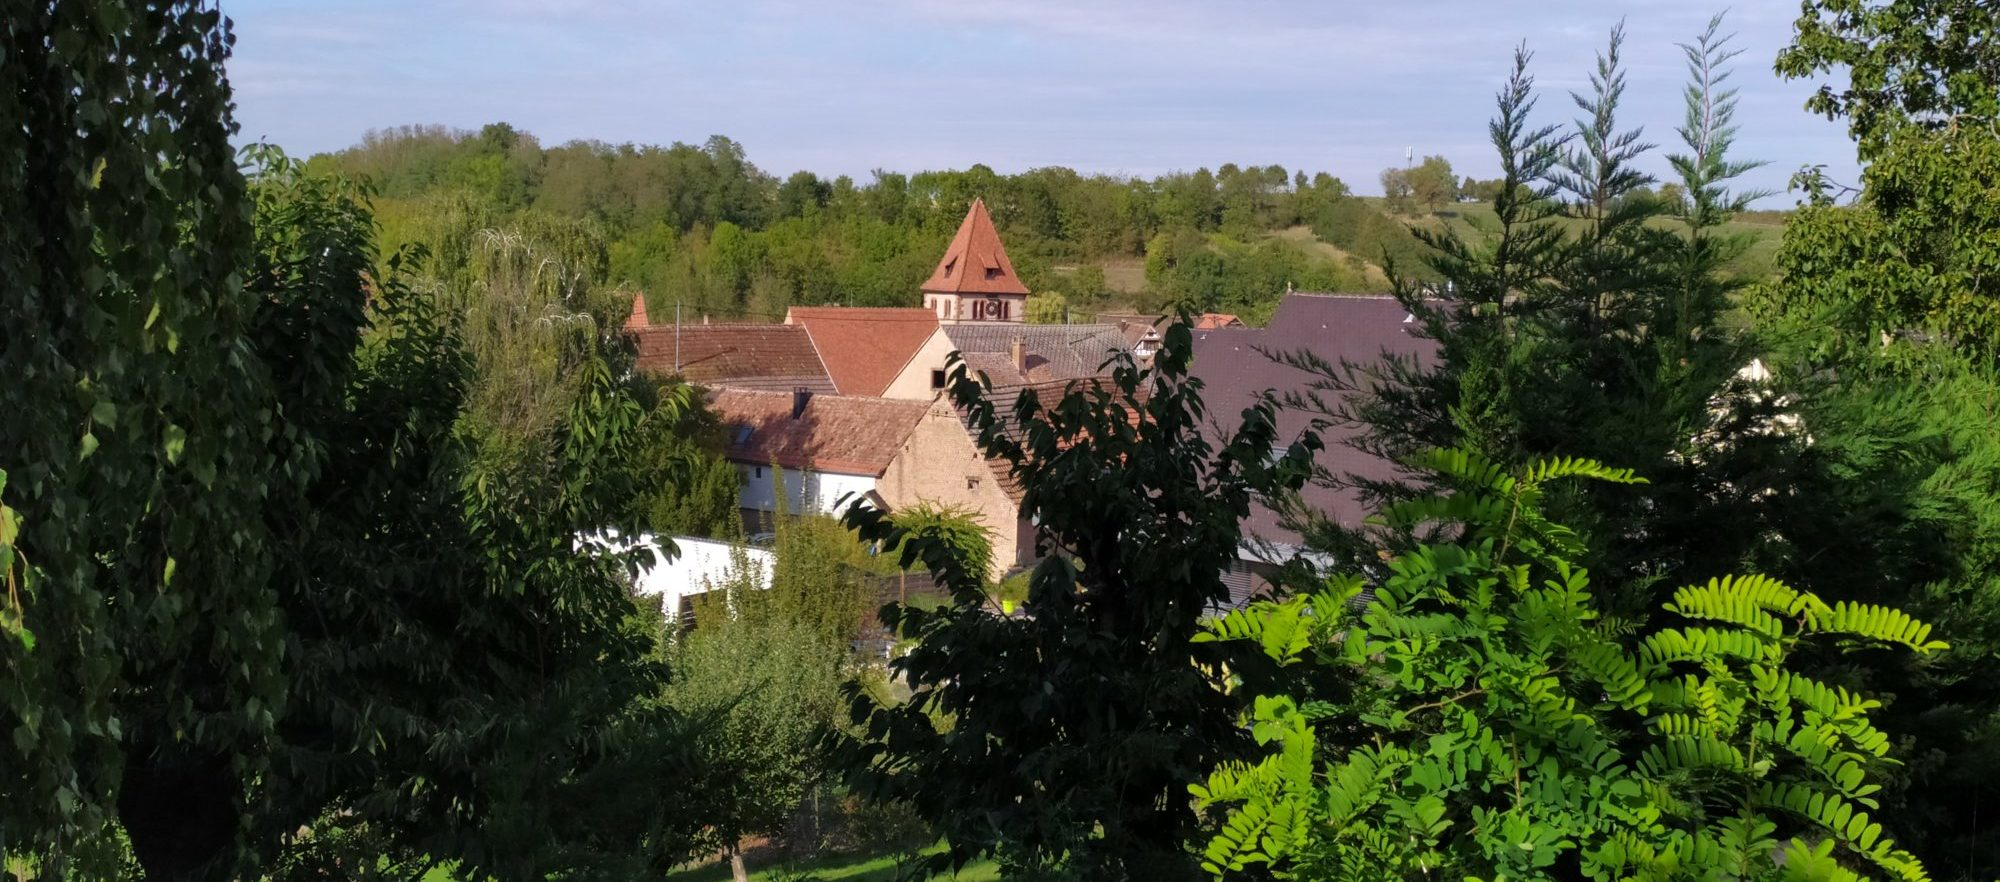 Mairie de Wintzenheim-Kochersberg